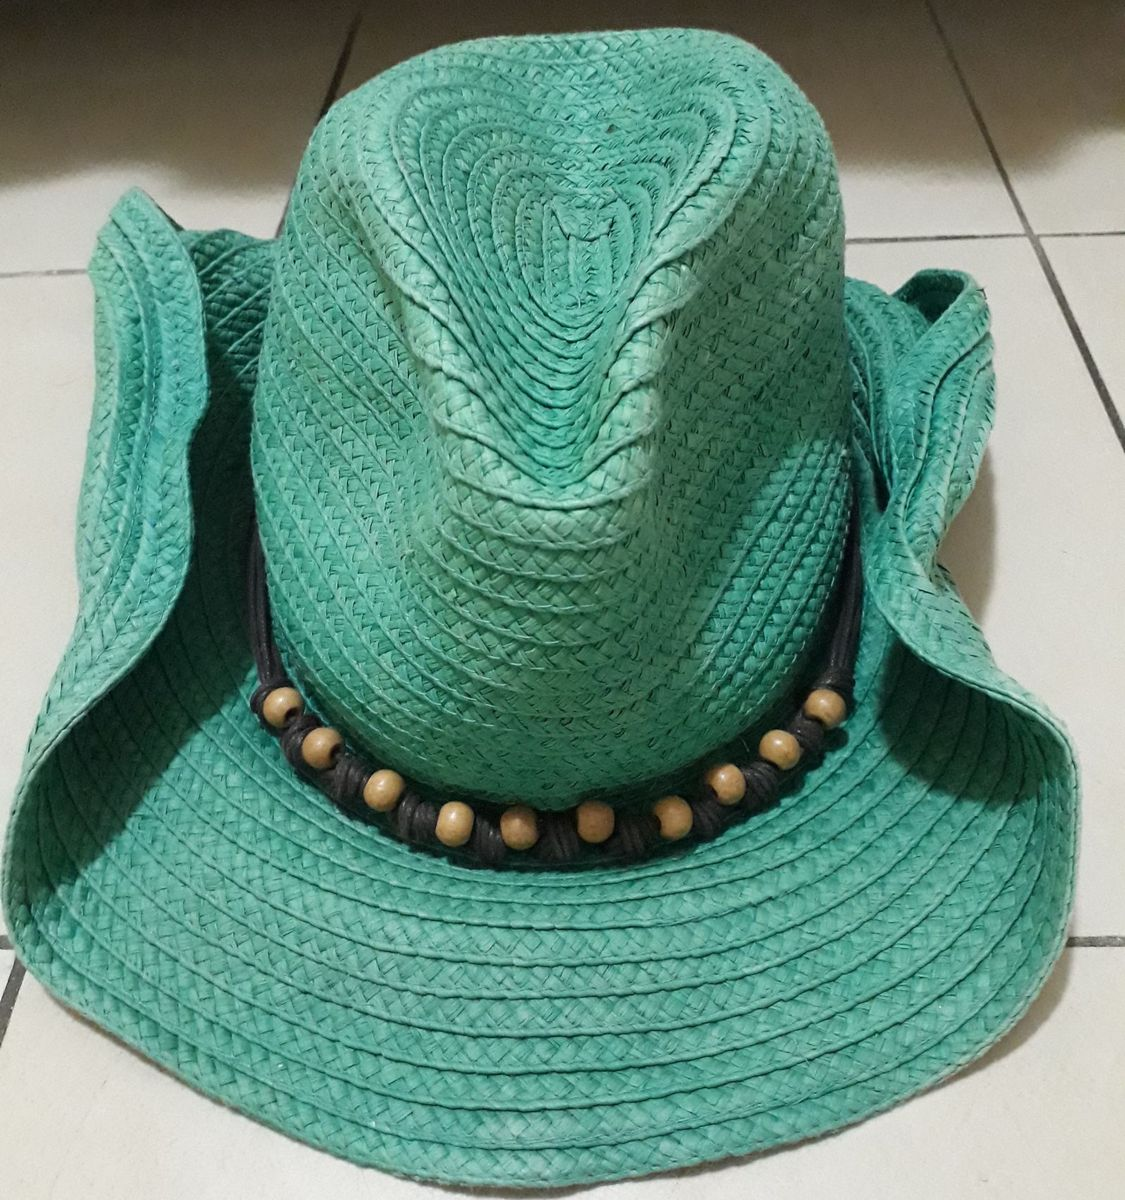 a0cf1a1d4e9b8 chapéu verde palha - chapeu le lis blanc.  Czm6ly9wag90b3muzw5qb2vplmnvbs5ici9wcm9kdwn0cy8xmdg5otcwlzmxyjewnjgzztc2ogfhzgezzdu1mdc0ytfhmdgzndazlmpwzw  ...